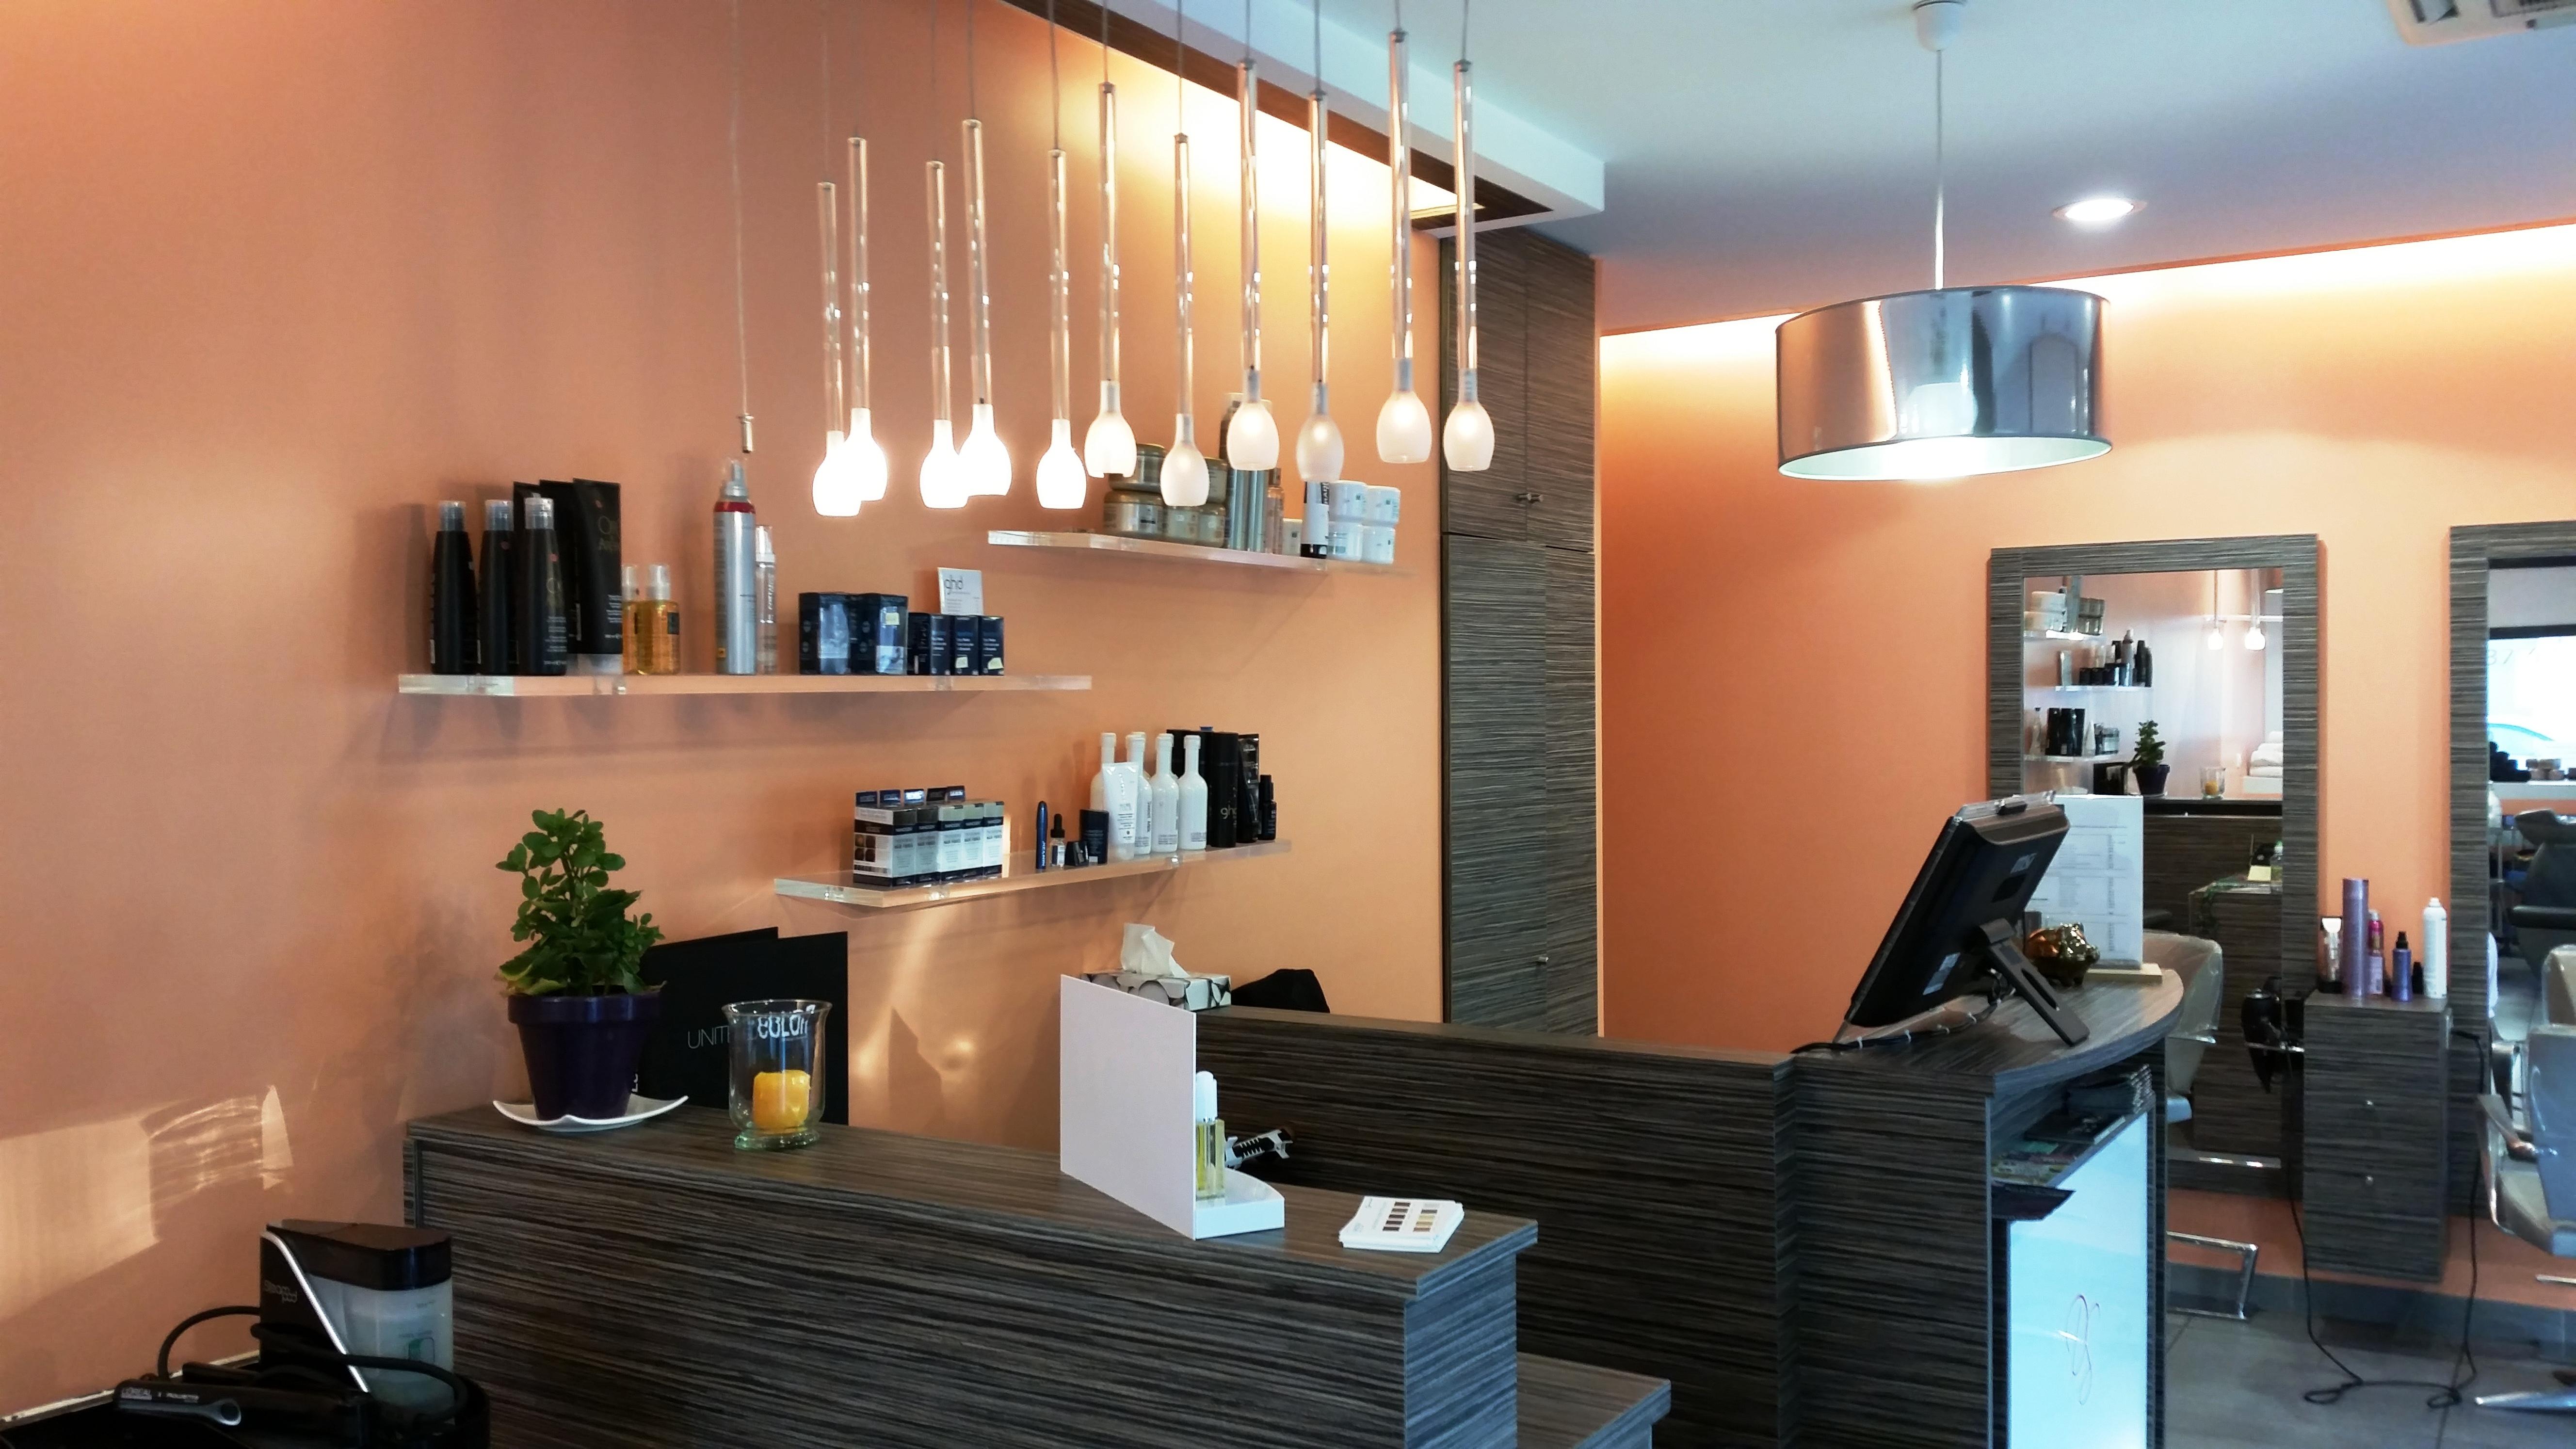 ds coiffure montpellier - Coiffeur Coloriste Montpellier